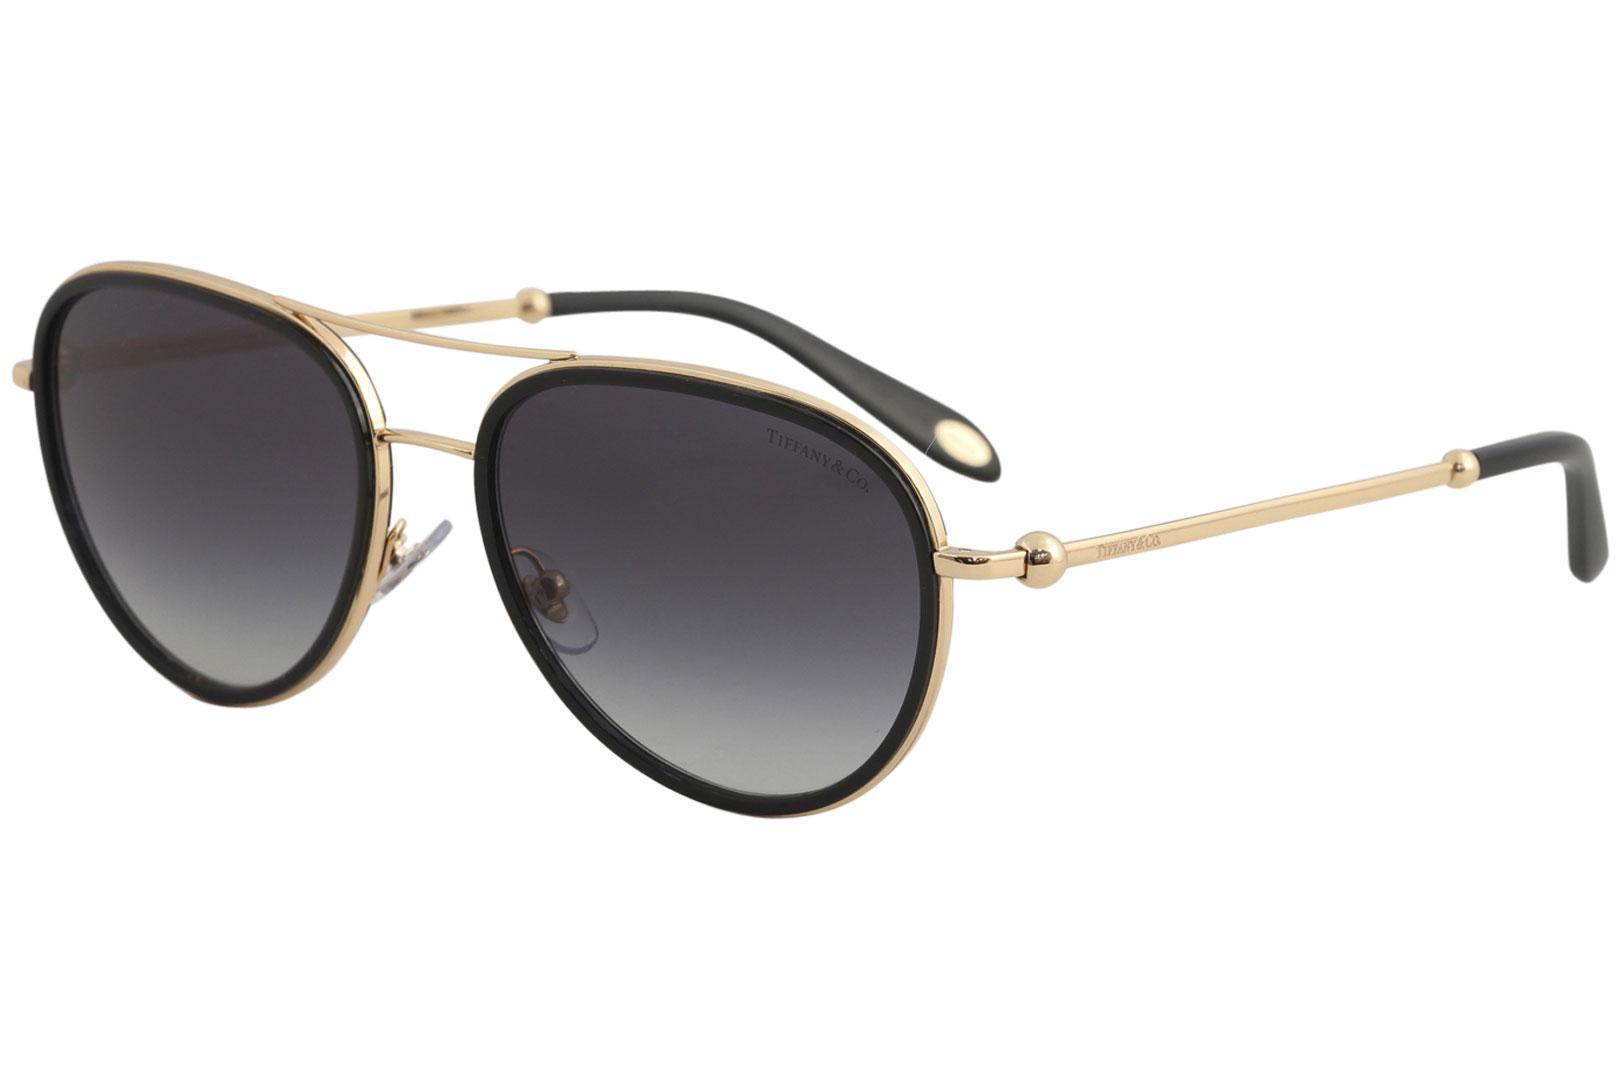 836cfb0e55355 Tiffany   Co. TF3059 TF 3059 6105 3C Black Rose Gold Pilot ...